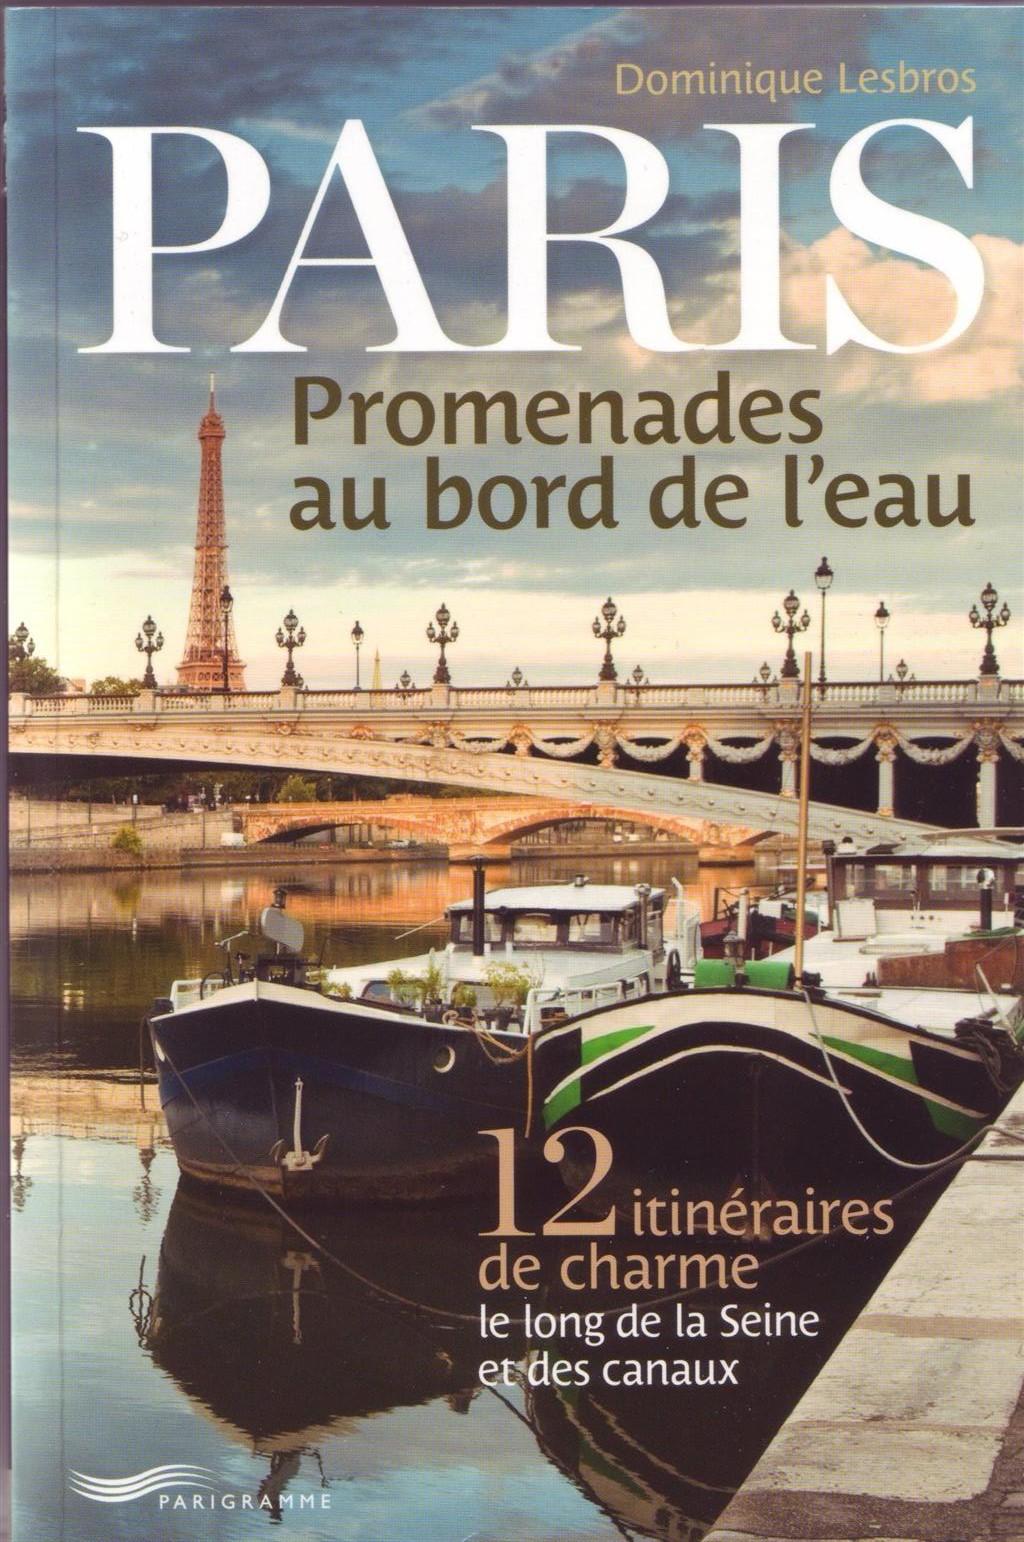 Paris - Promenades au bord de l'eau